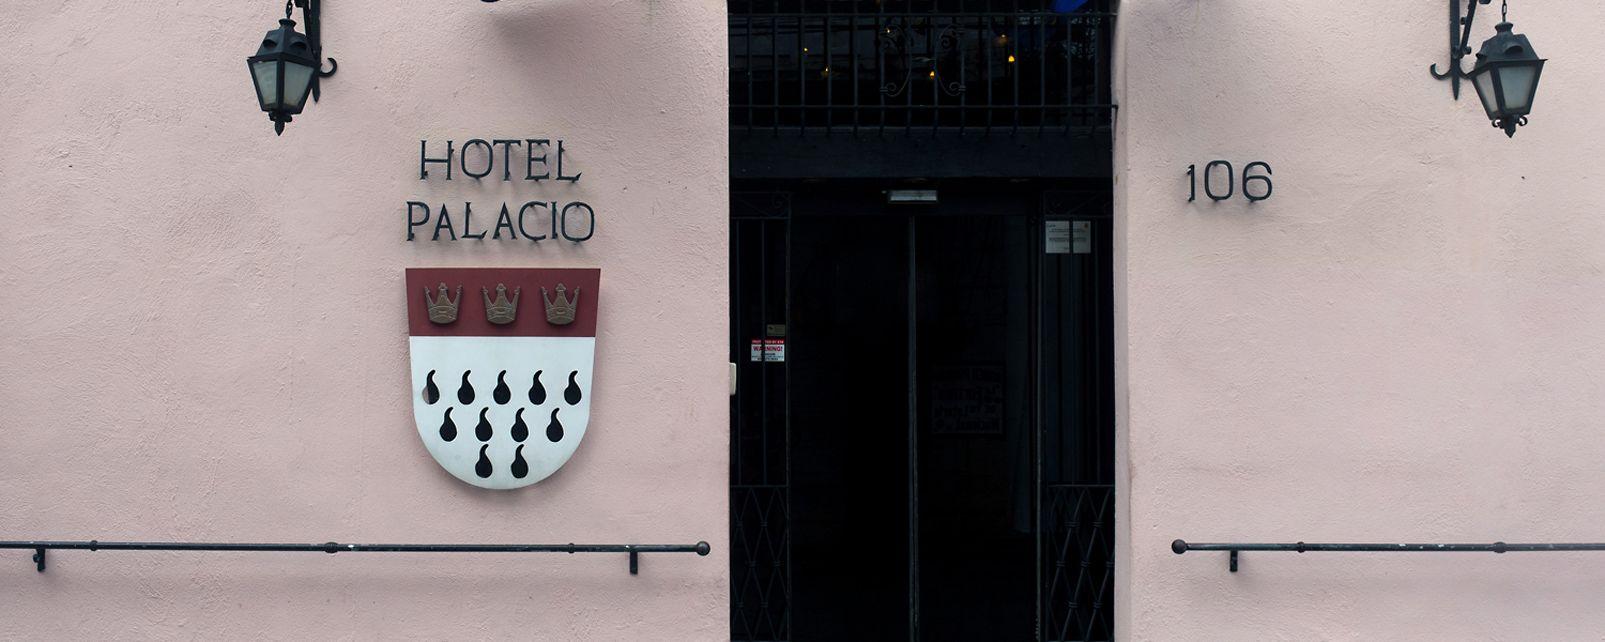 Hôtel Palacio